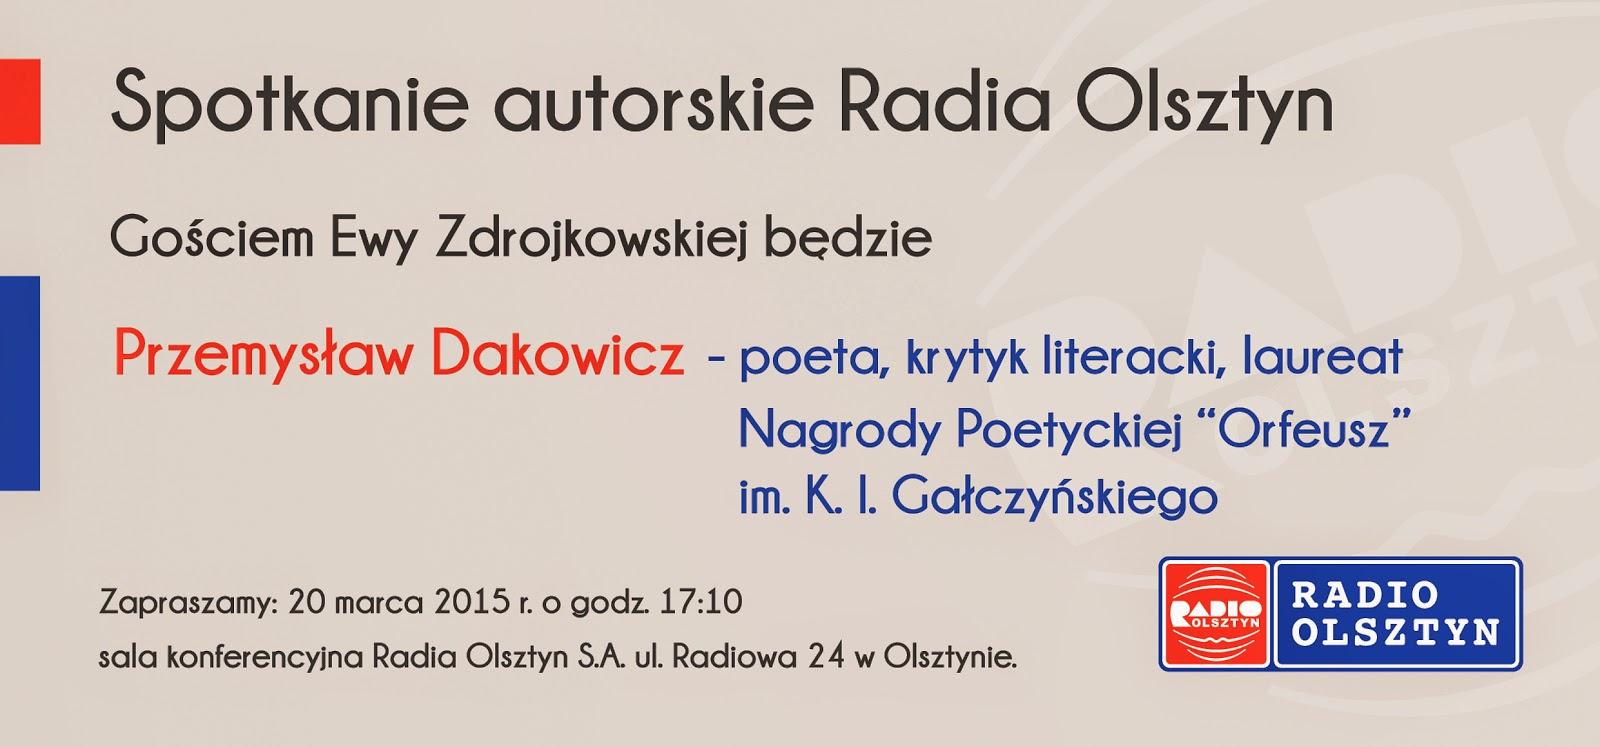 http://ro.com.pl/?s=dakowicz&x=0&y=0